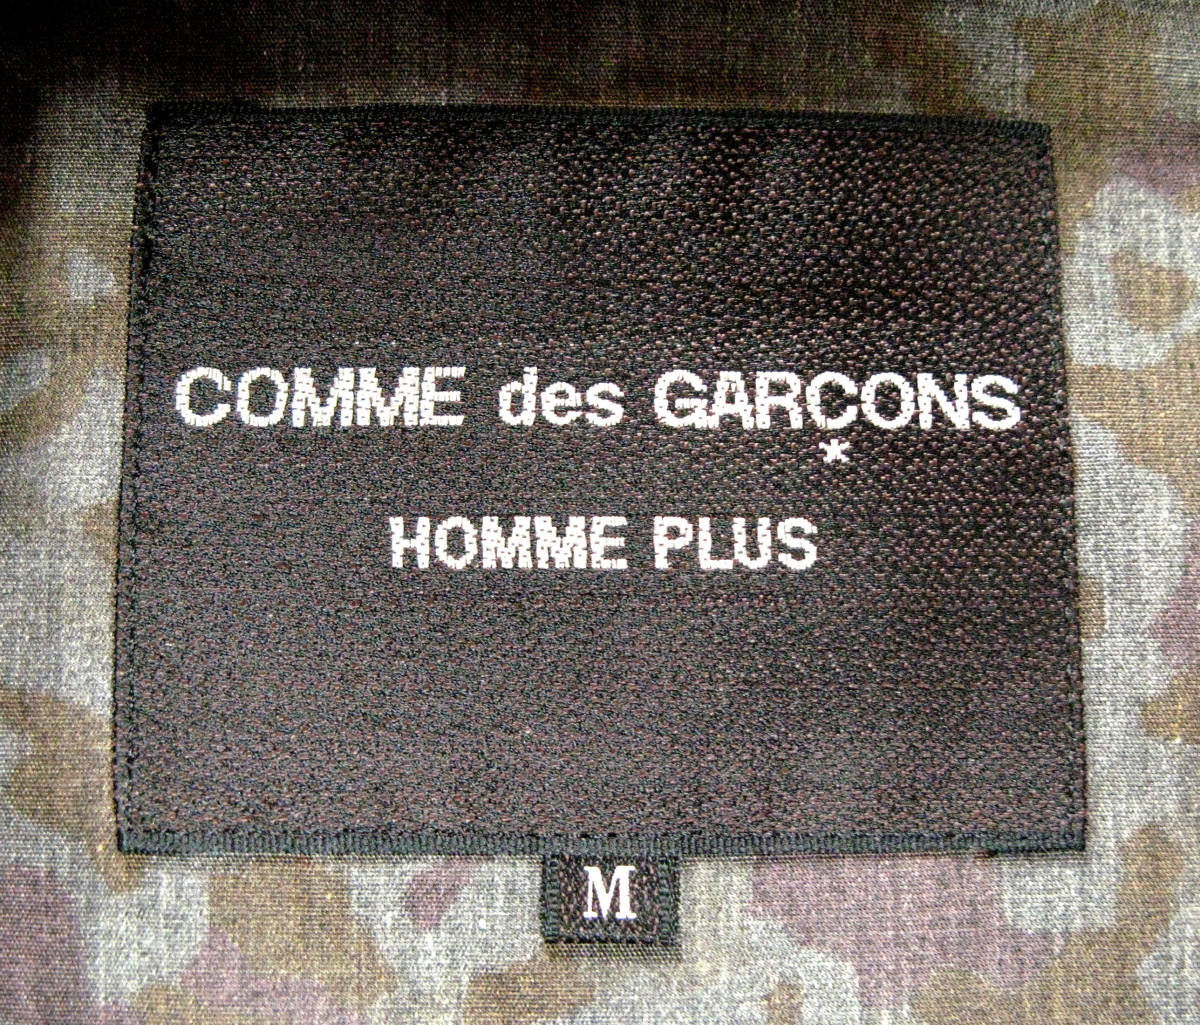 ギャルソン プリュス : 迷彩柄 薄手 コート 未使用品 ( 1997 初期 レア COMME des GARCONS HOMME PLUS vintage coat_画像4